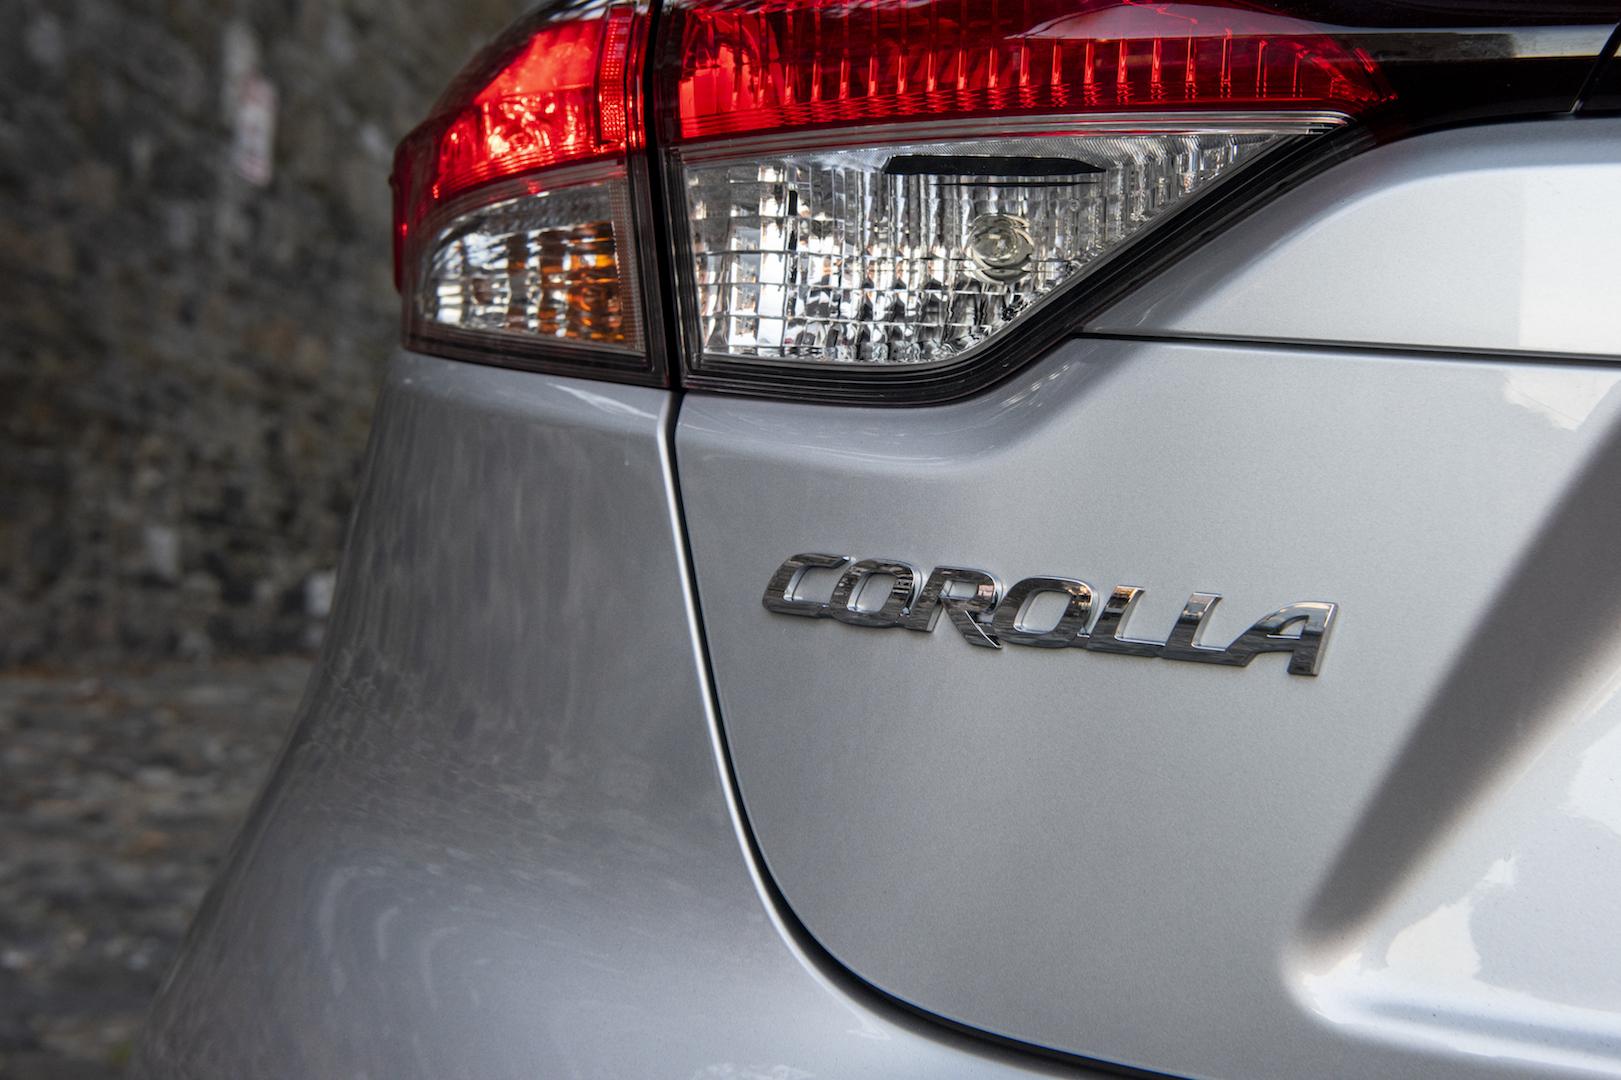 2020_Corolla_SE_ClassicSilverMetallic_020_v1_current